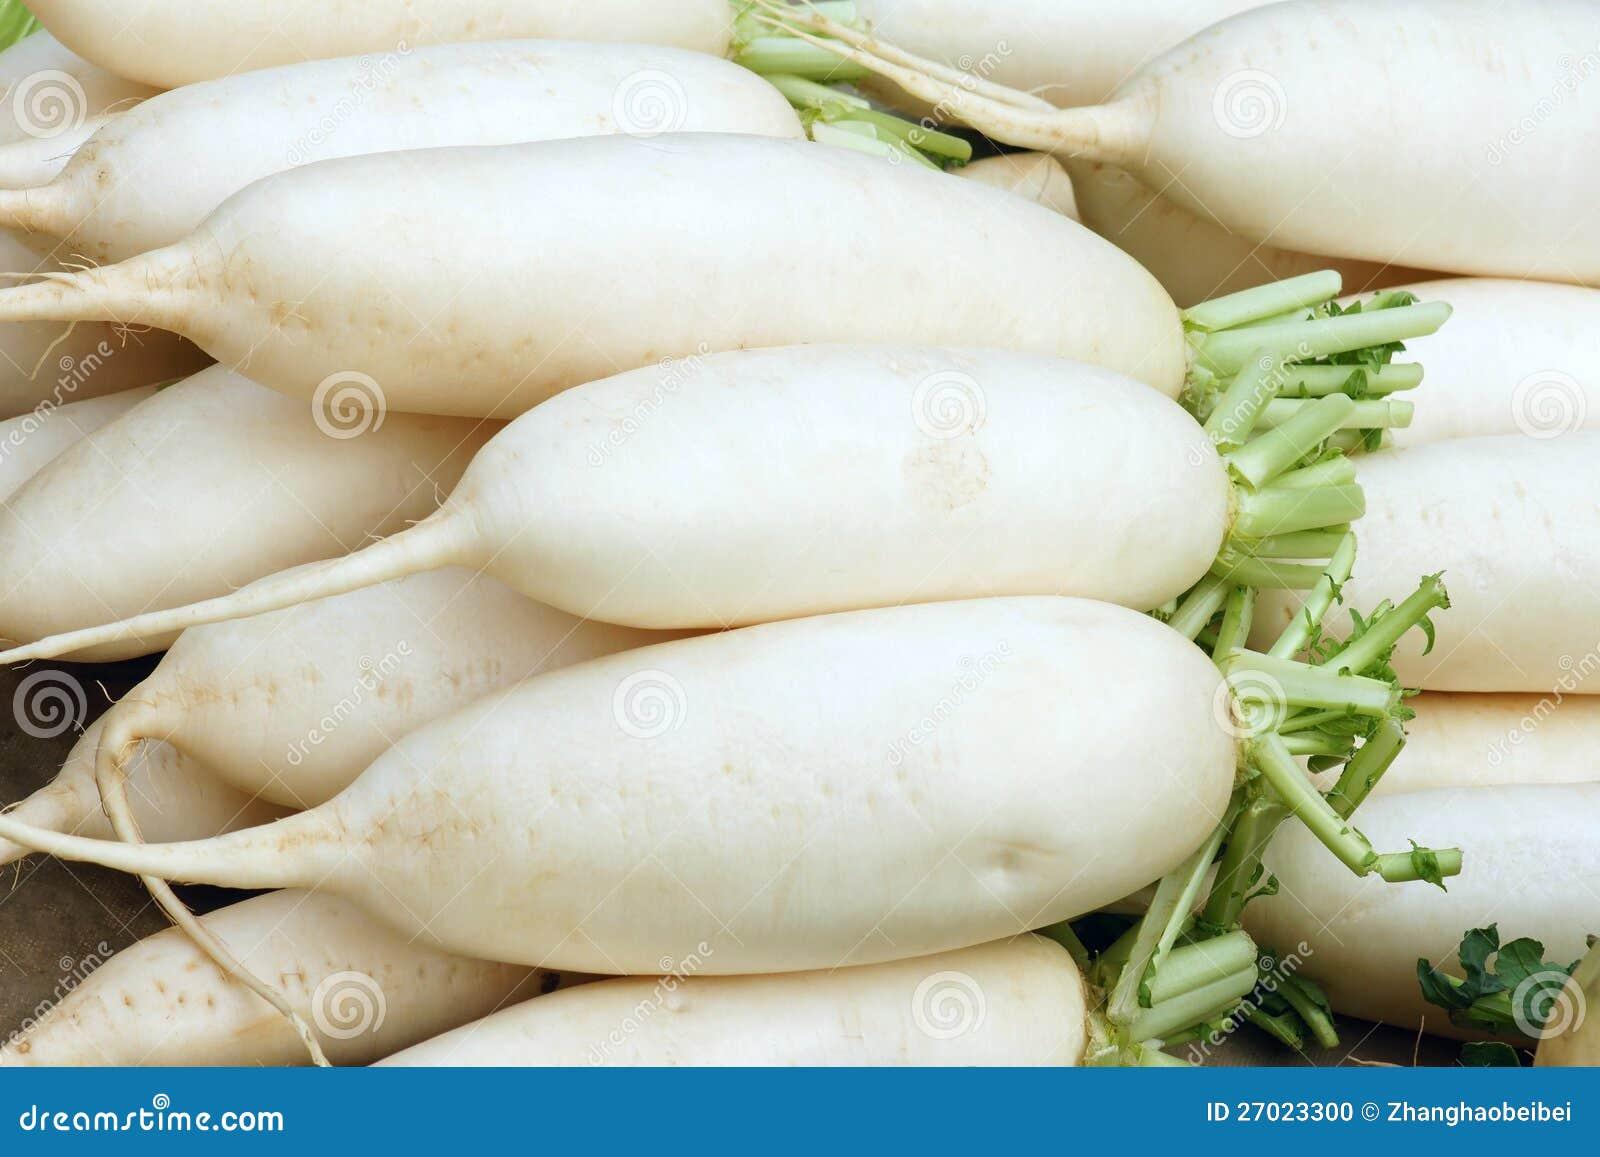 Radish branco